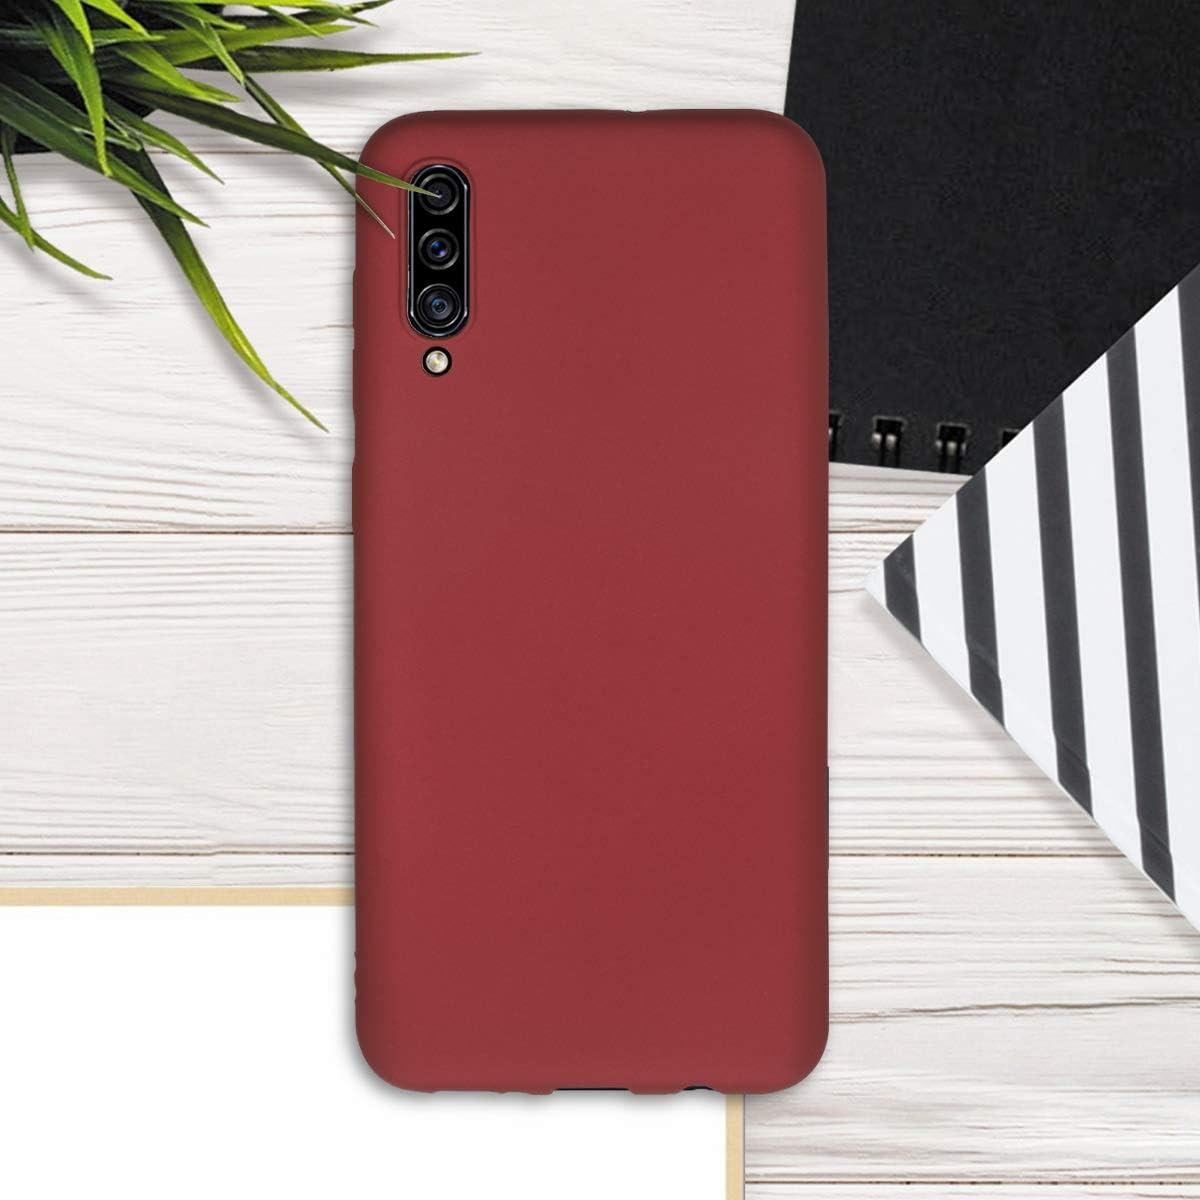 Protector Trasero en Rojo met/álico kwmobile Funda Compatible con Samsung Galaxy A30s Carcasa m/óvil de Silicona